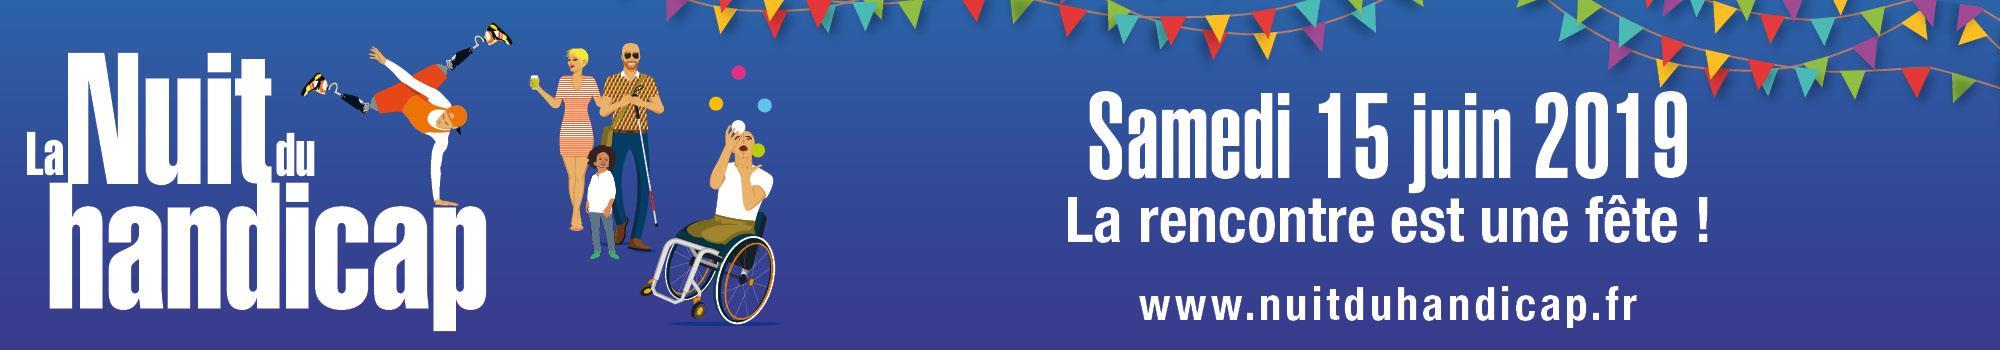 La Nuit du handicap 2019 - Versailles - LA NUIT DU HANDICAP